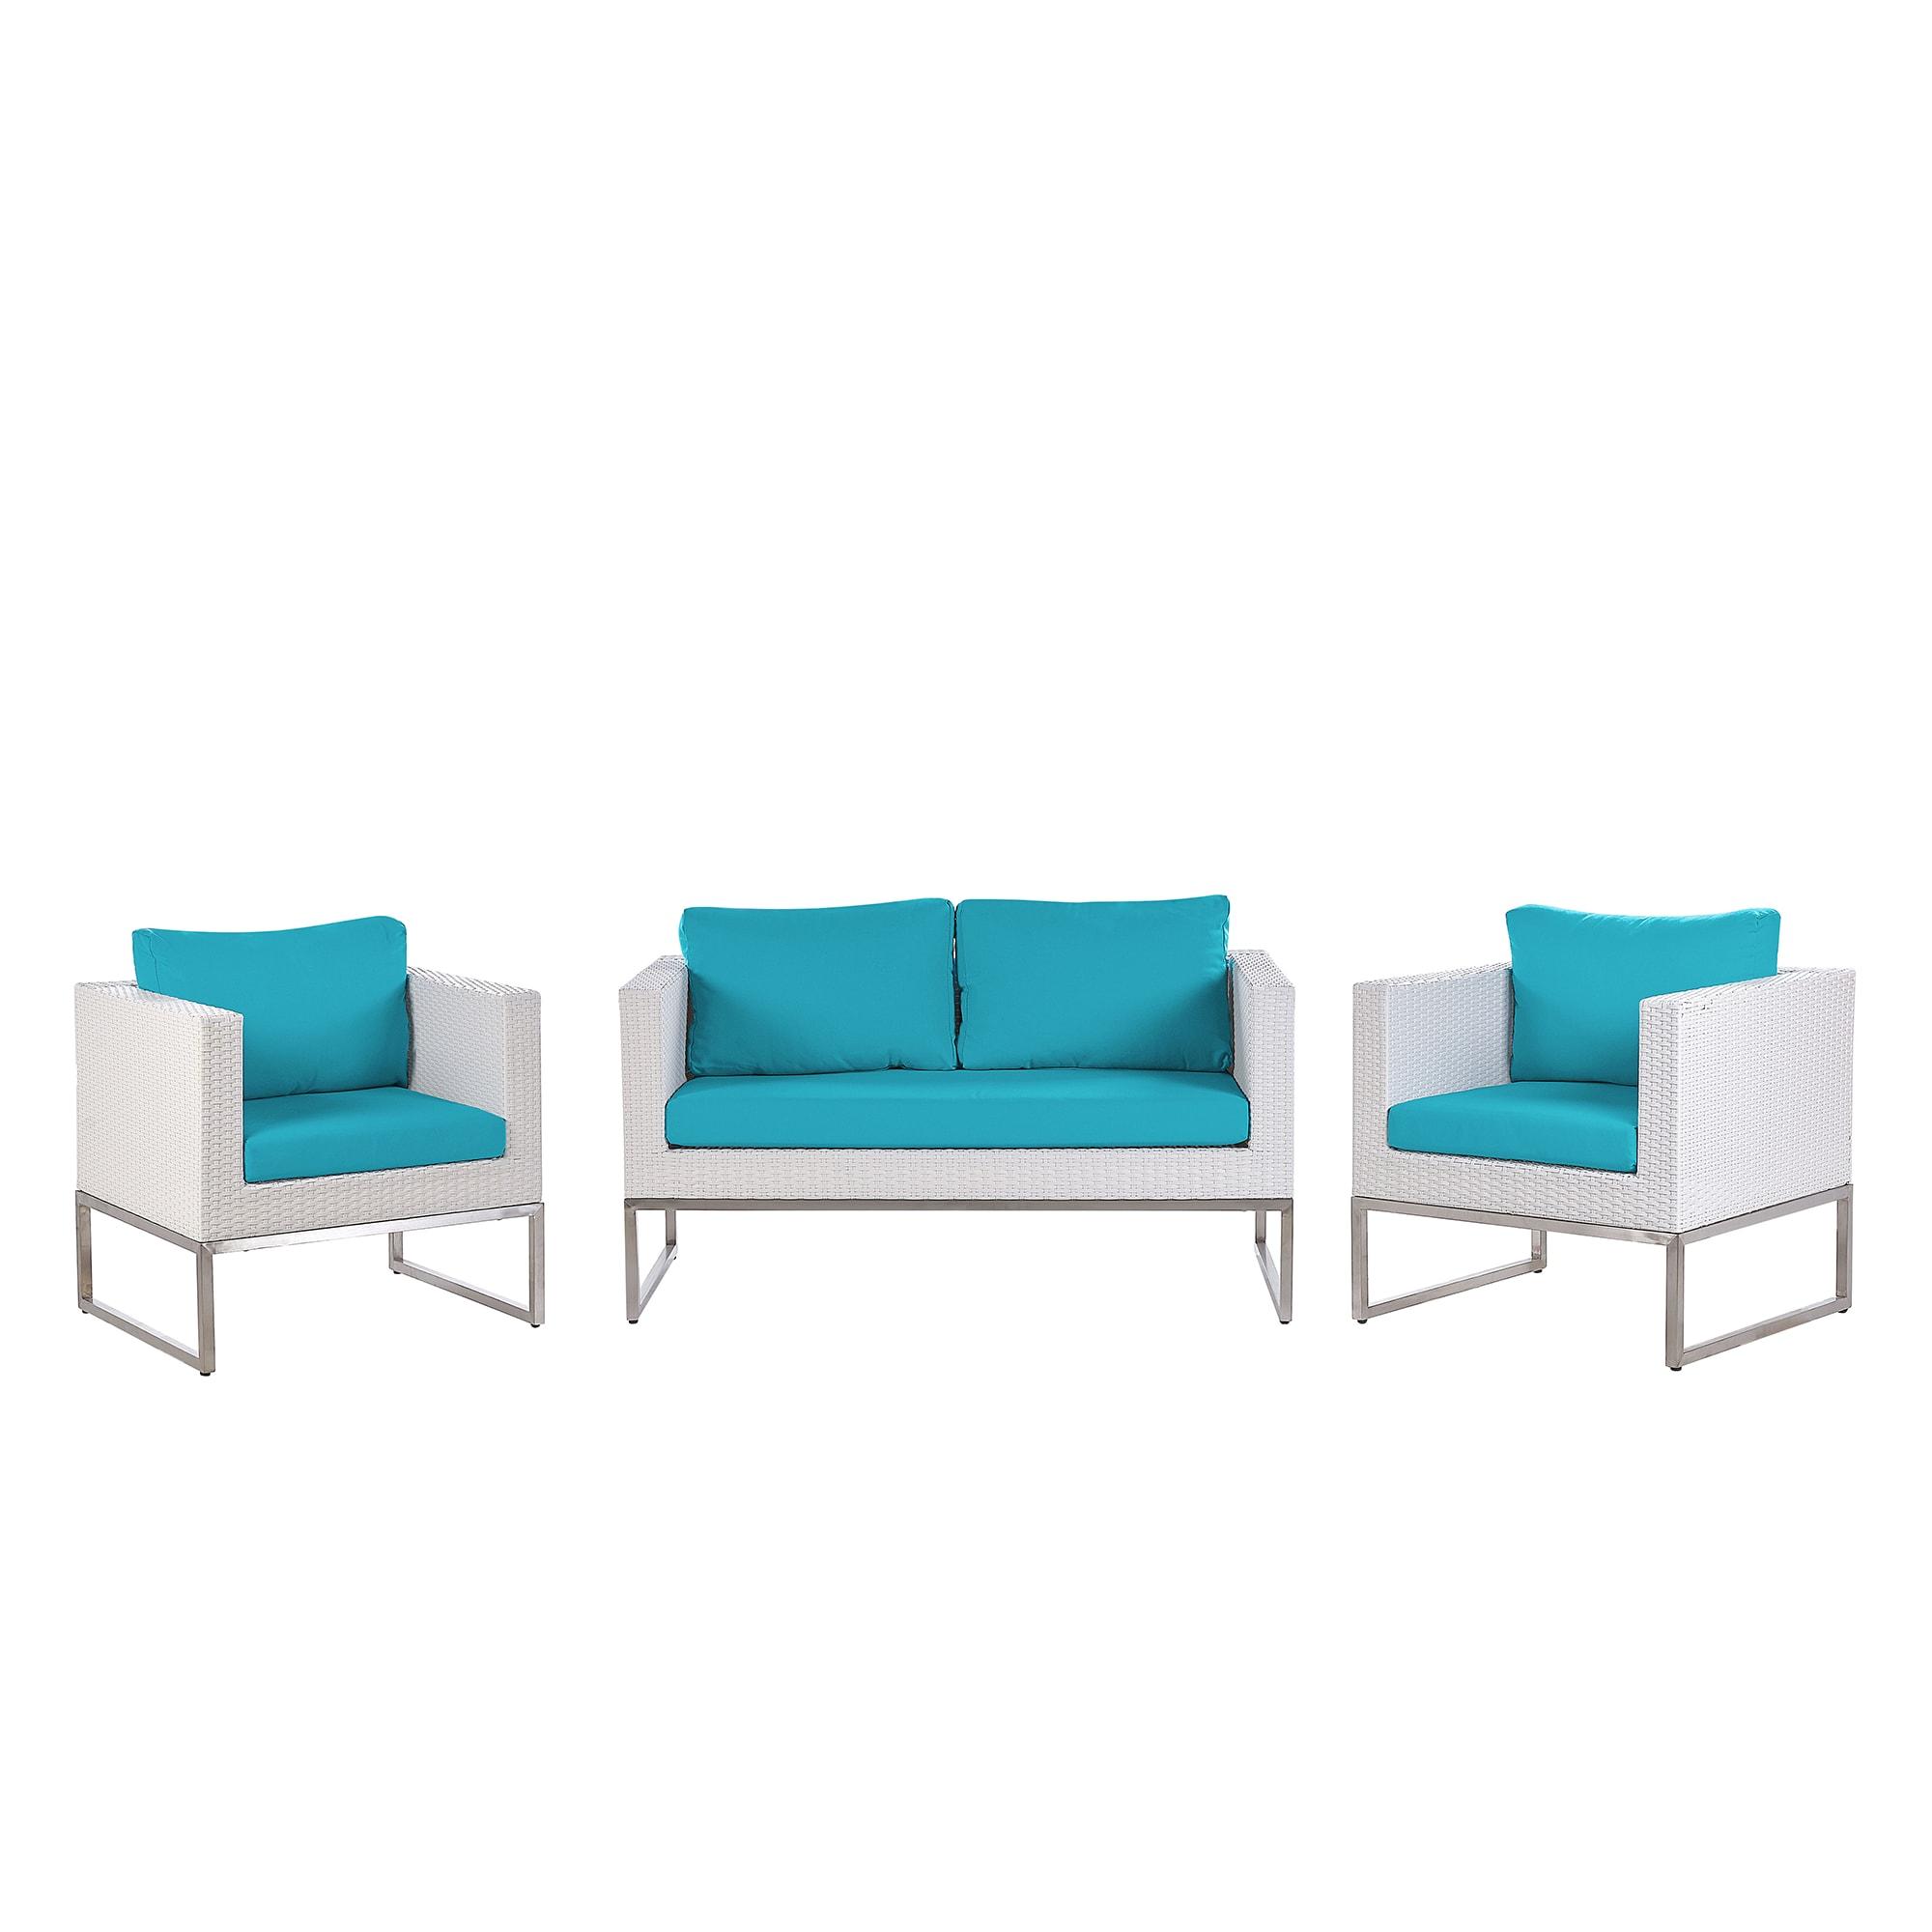 Salon de jardin 4 places en rotin blanc avec coussins bleus